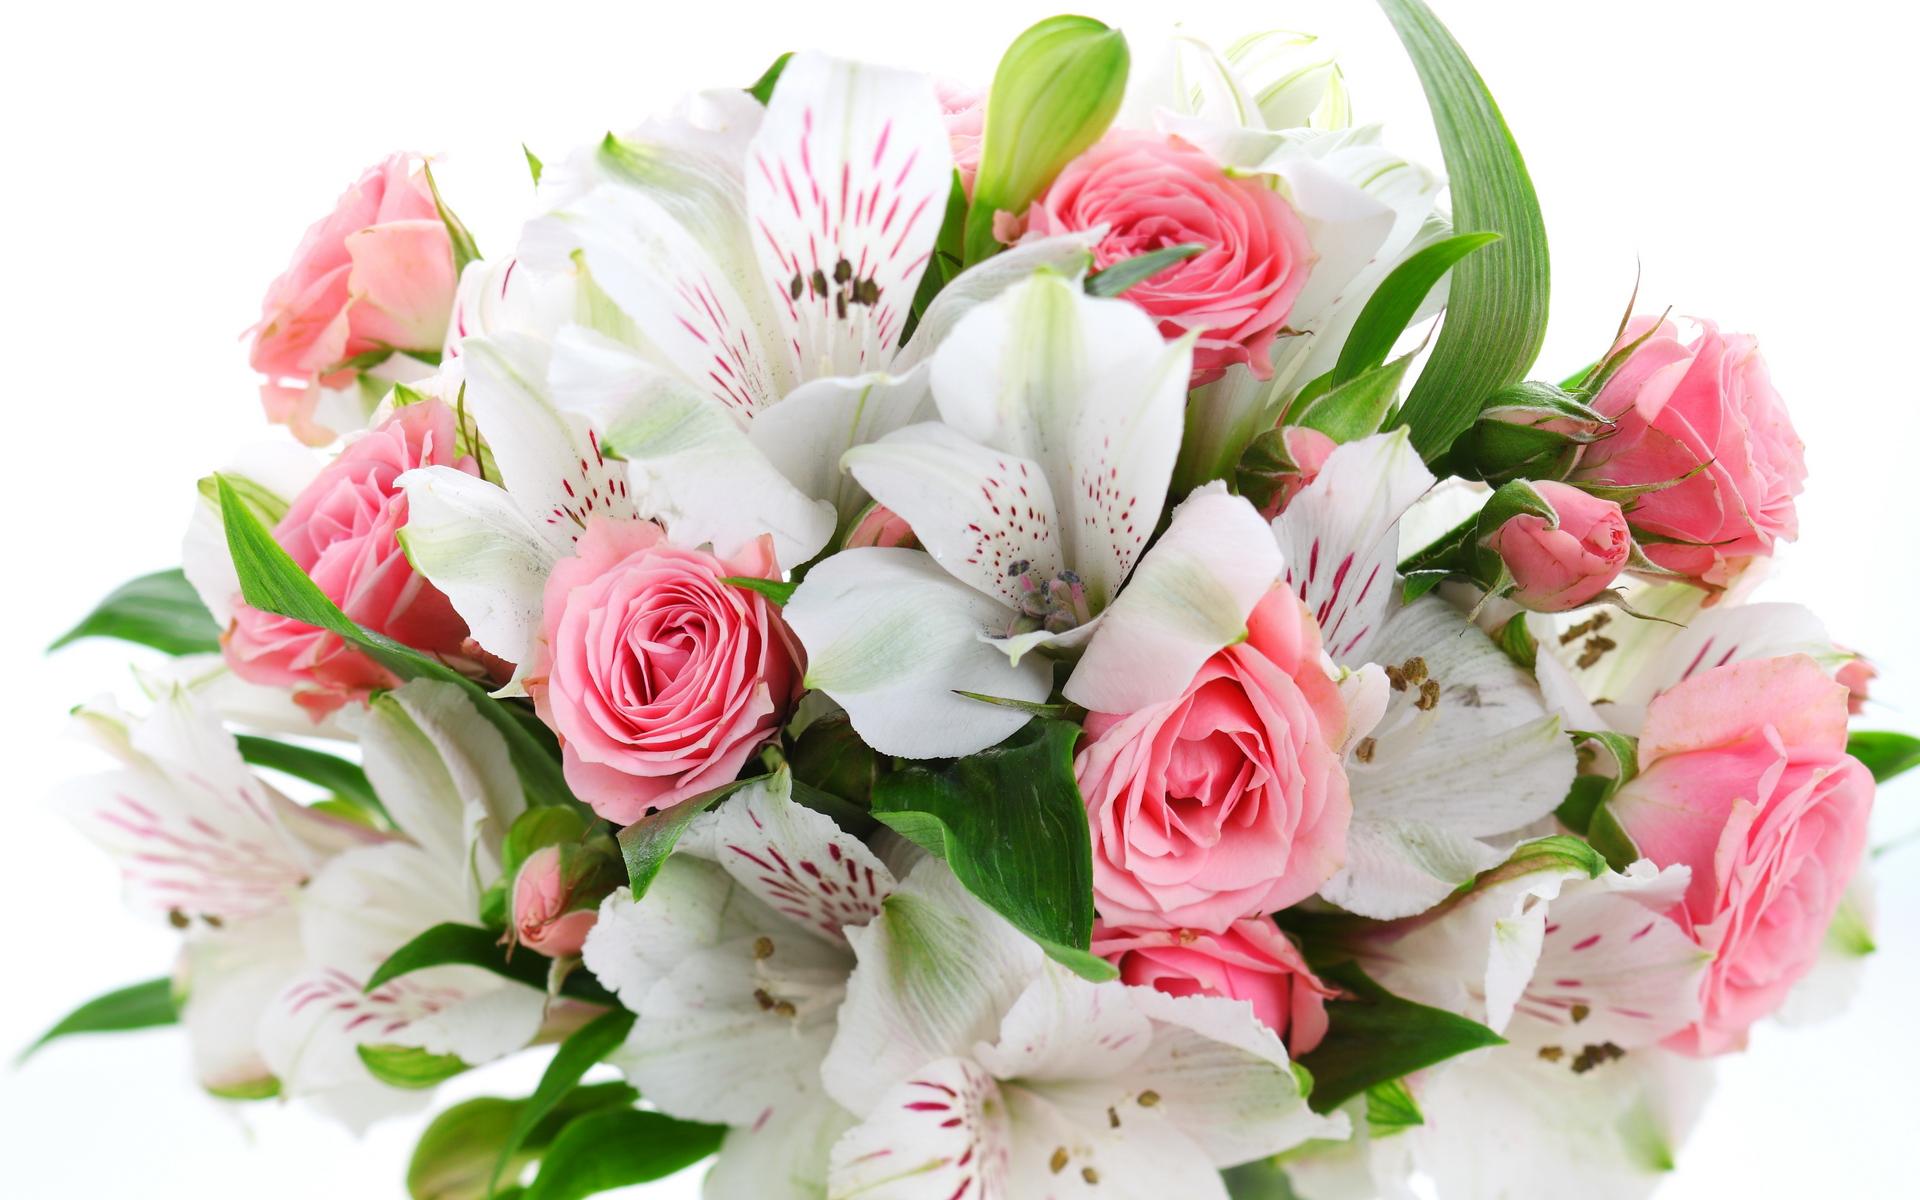 Поздравление к букету цветов 16